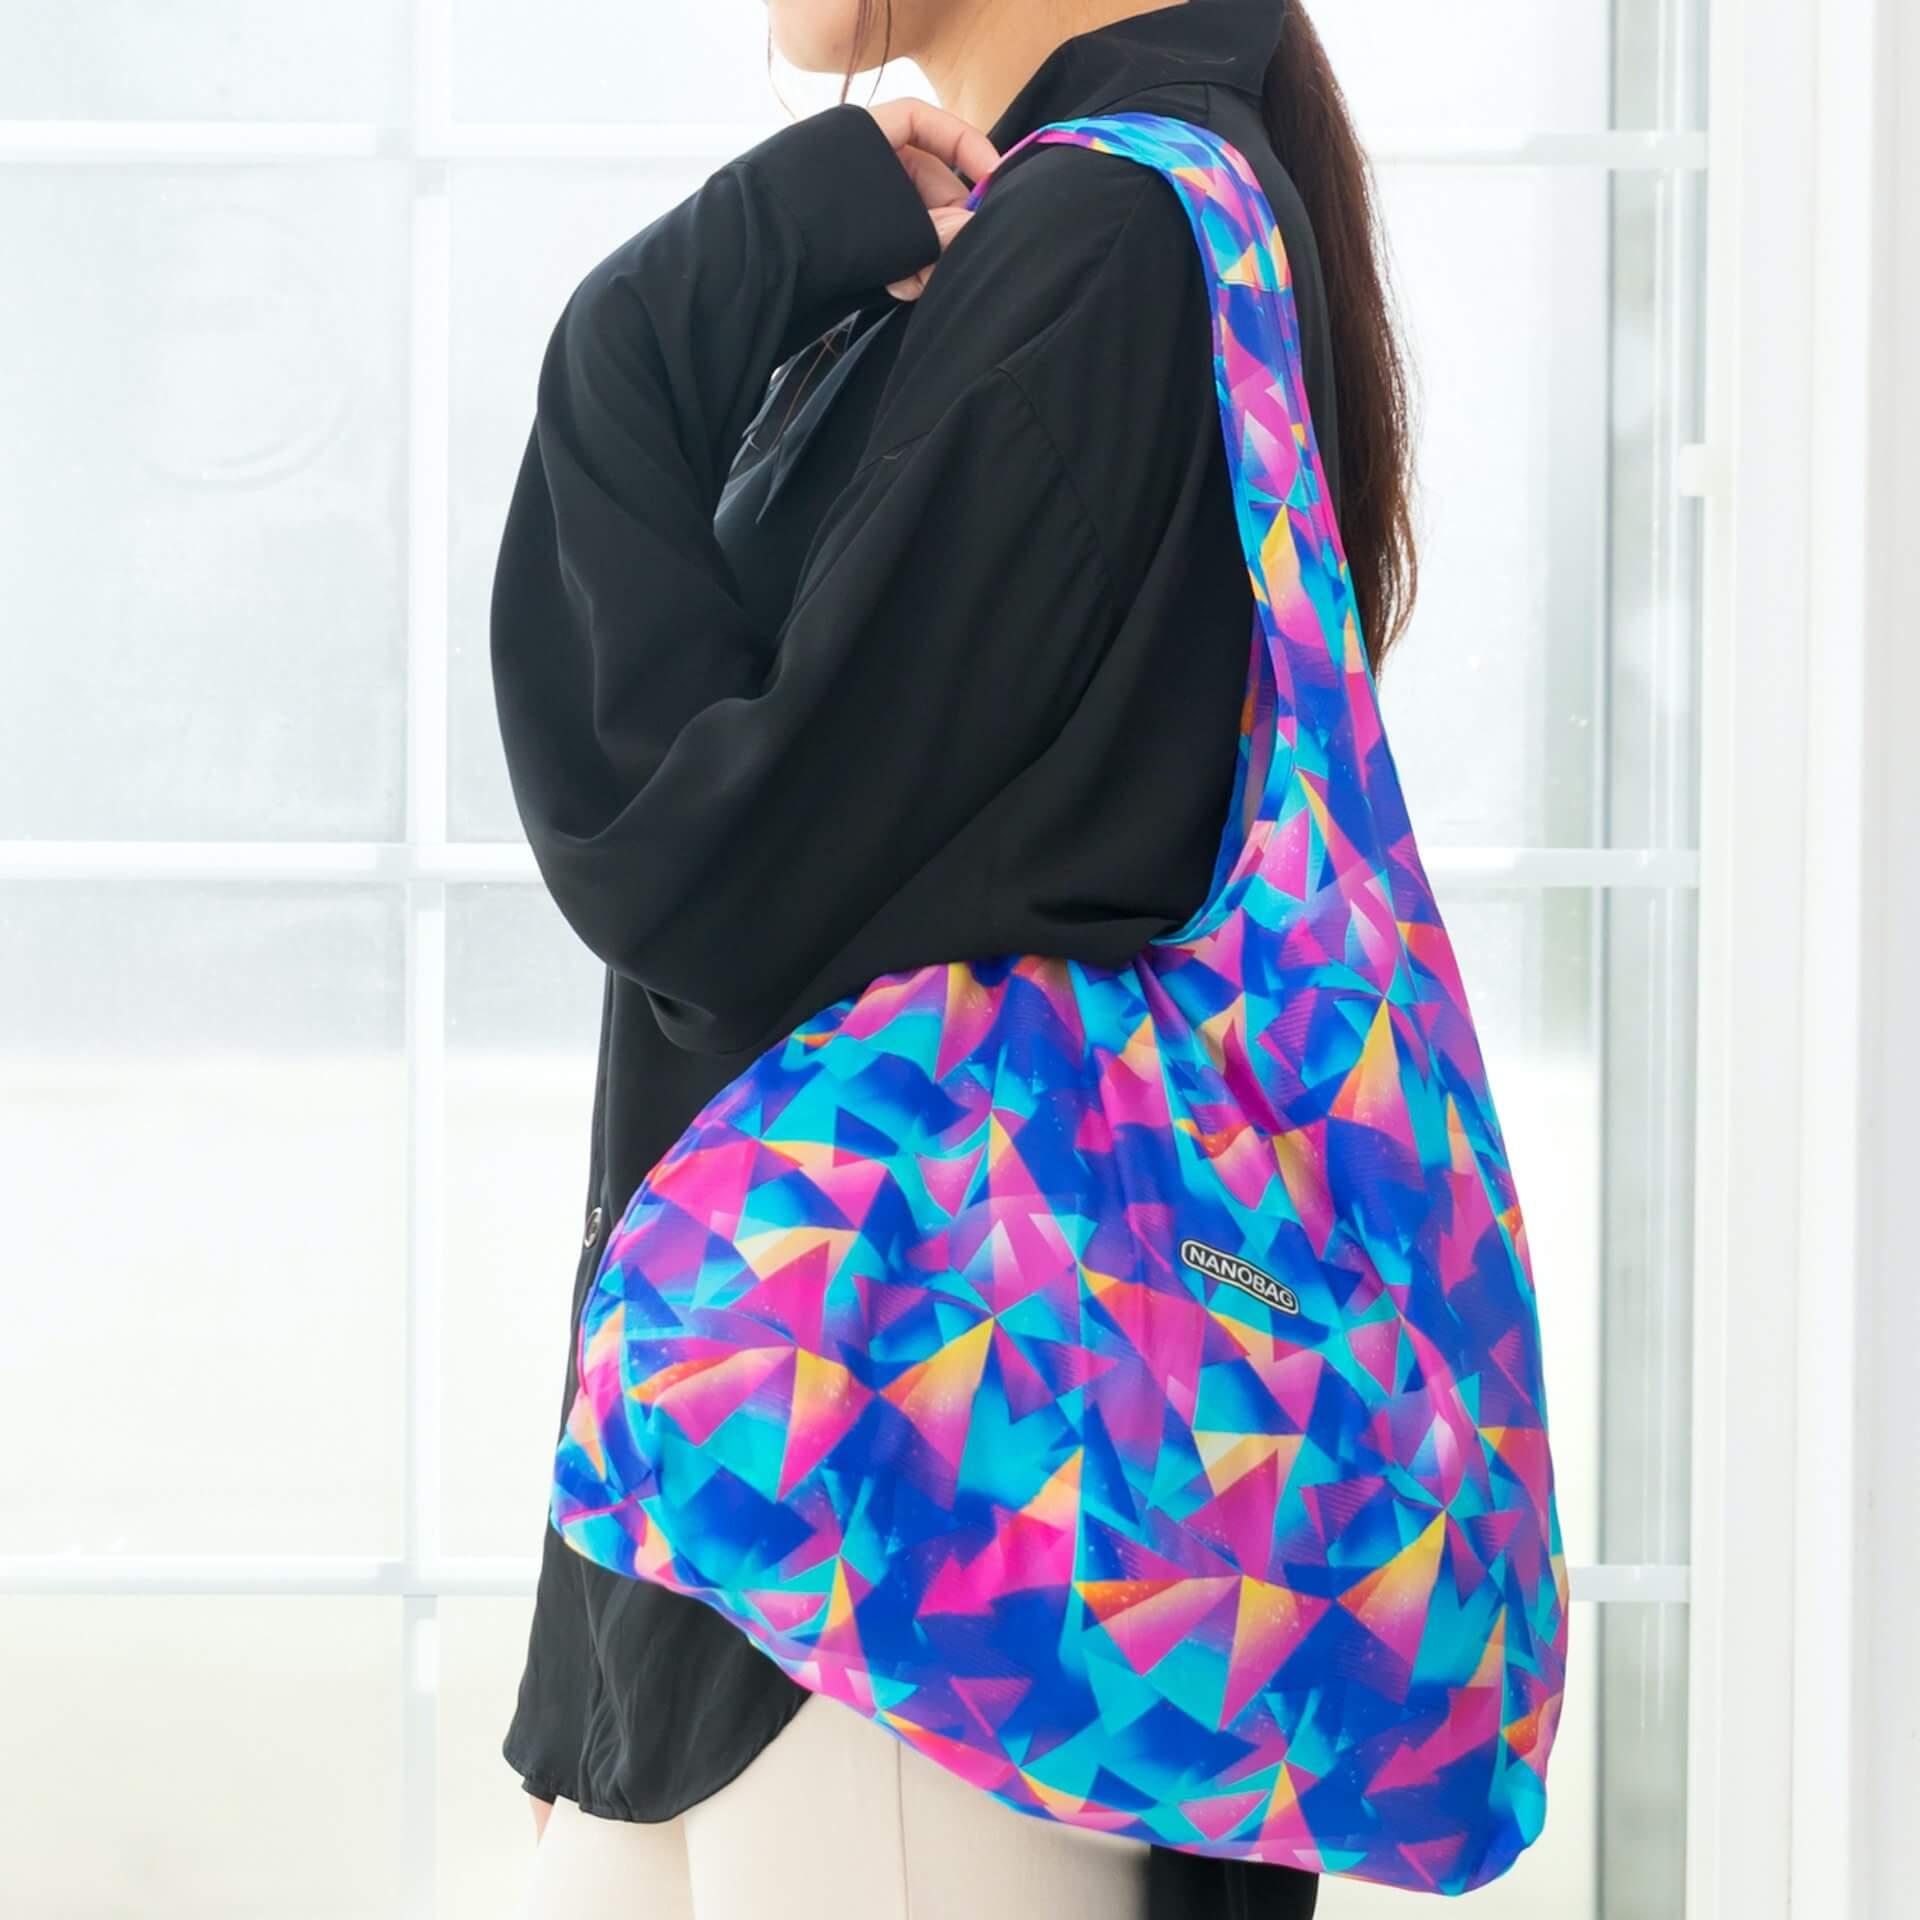 手のひらサイズのエコバッグ『NANOBAG』でお買い物しよう!全国販売を記念したTwitterプレゼントキャンペーンが実施 ac200714_nanobag_08